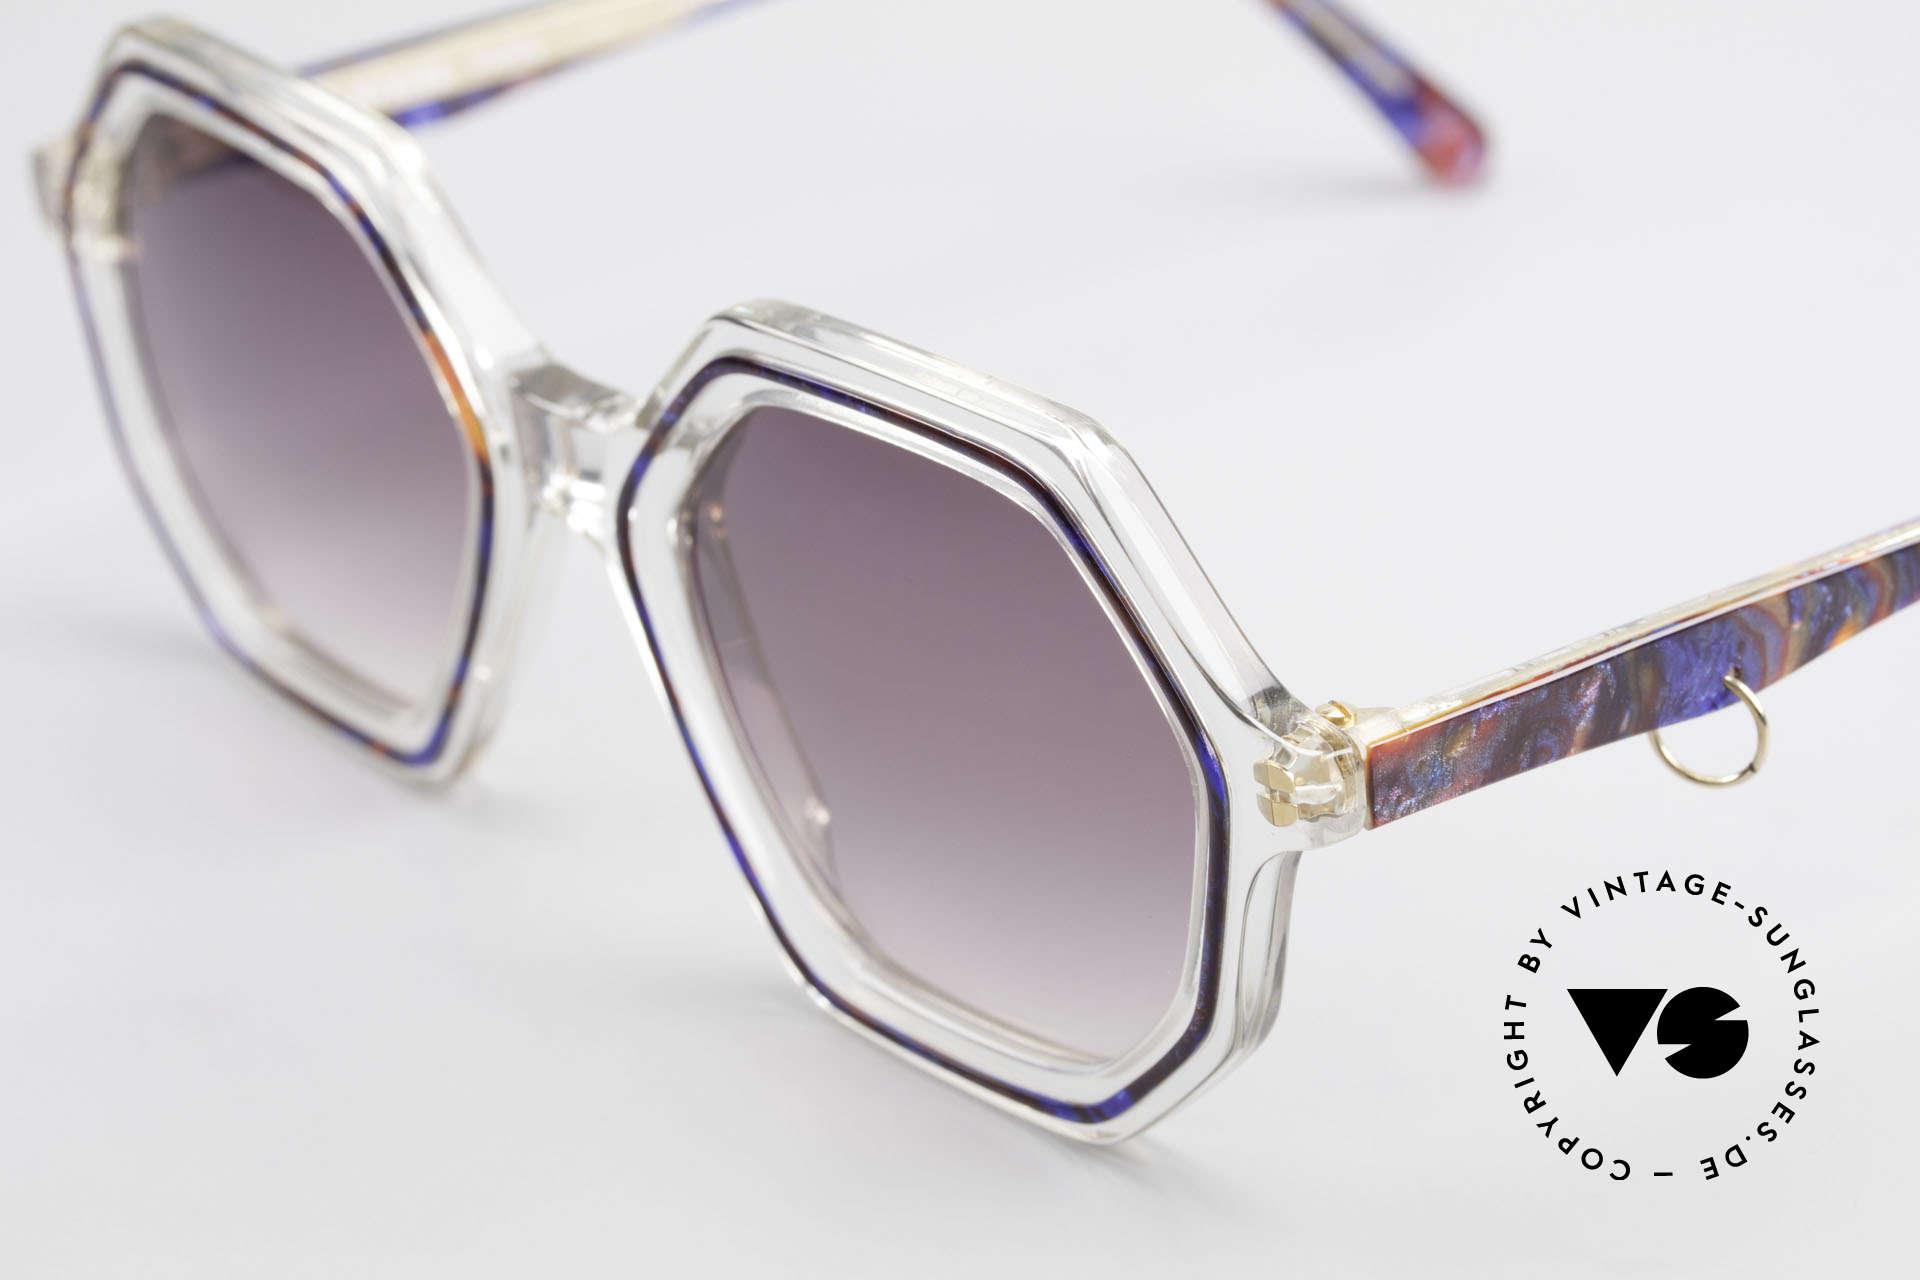 Sonia Rykiel SR756 Achteckige 70er Sonnenbrille, eine echte Kostbarkeit (gehört eigentlich ins Museum), Passend für Damen